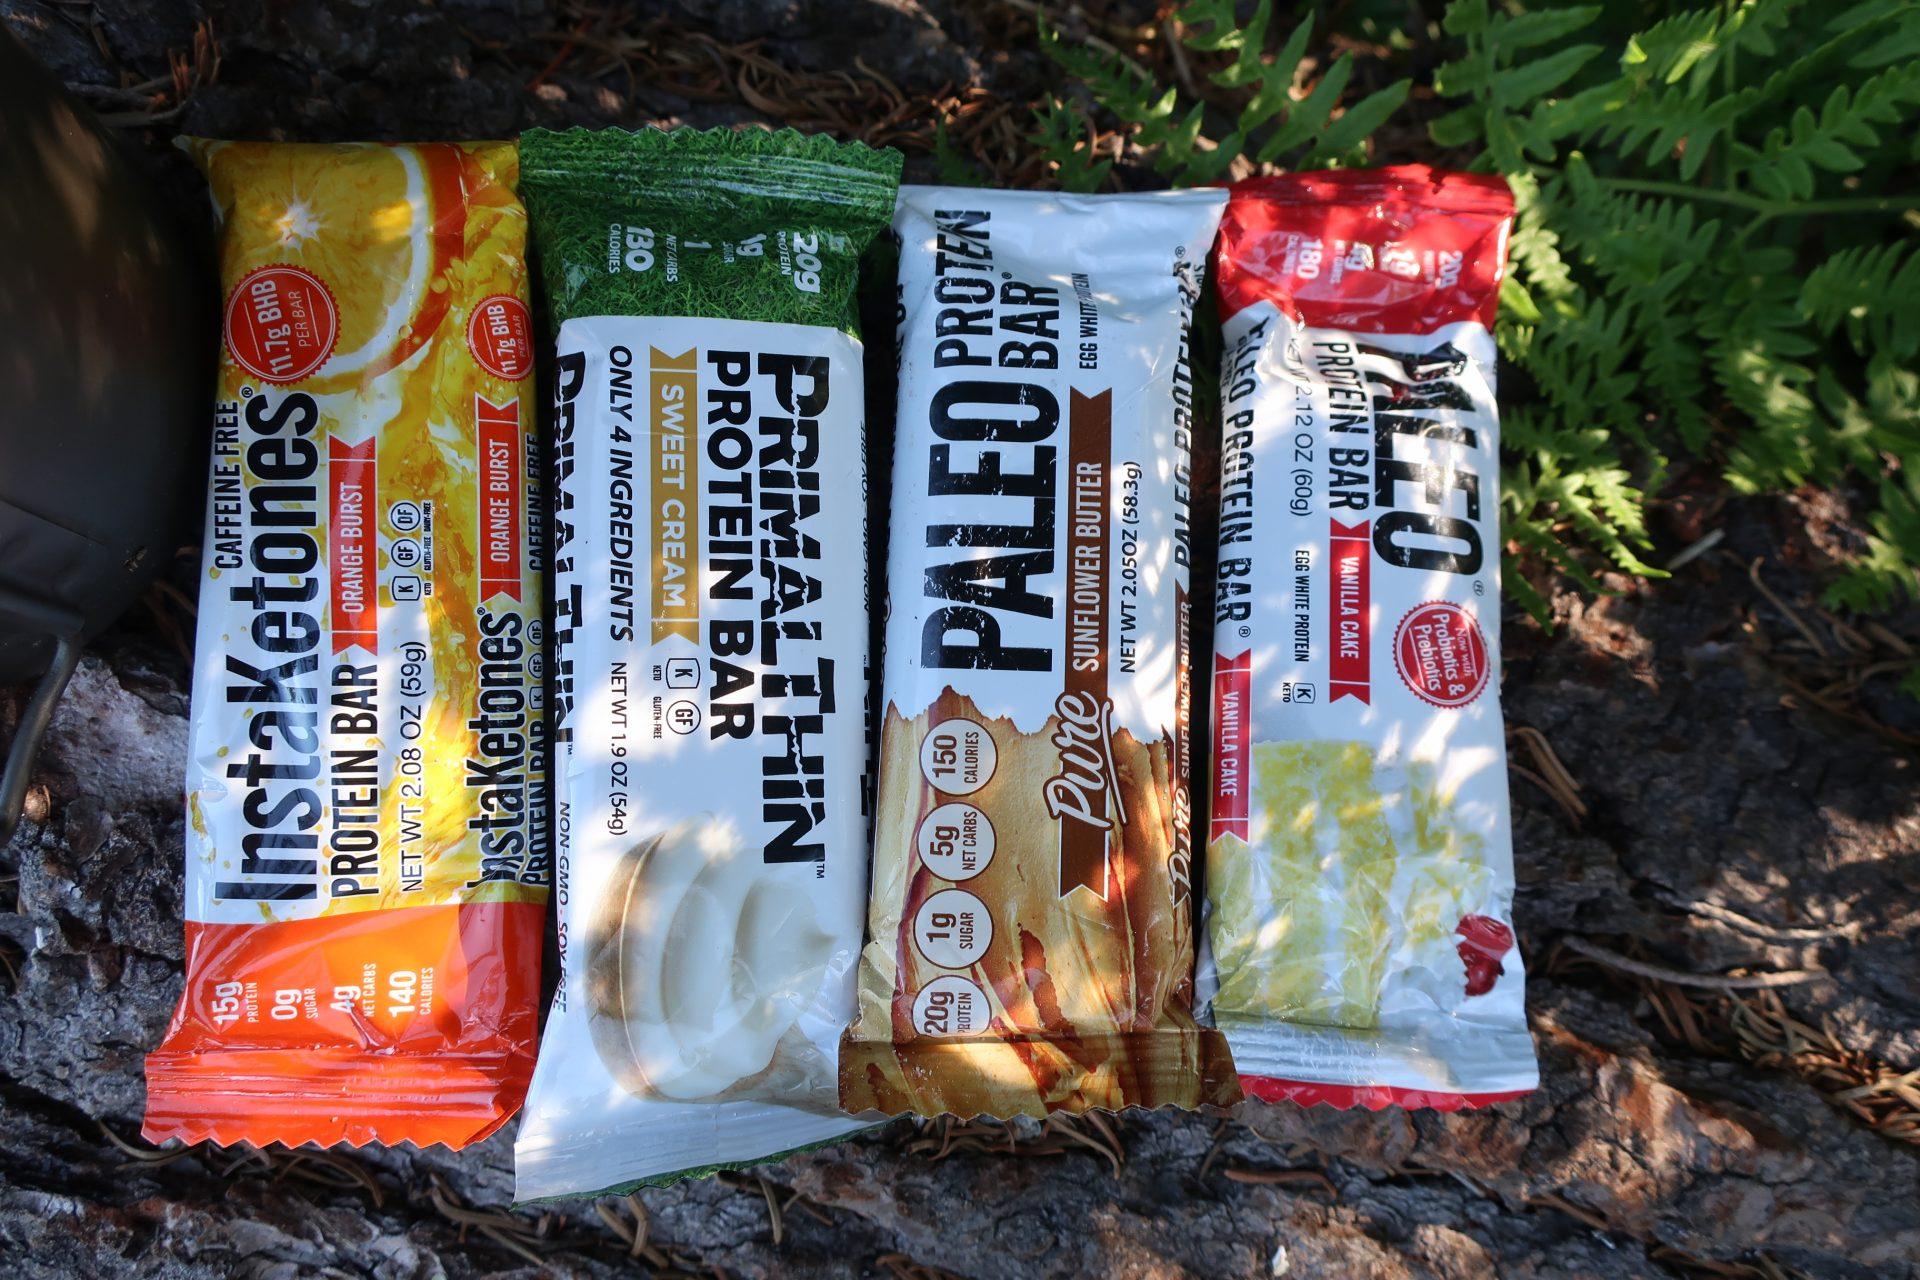 Proteinové tyčinky, které vážně nezkoušejte :)